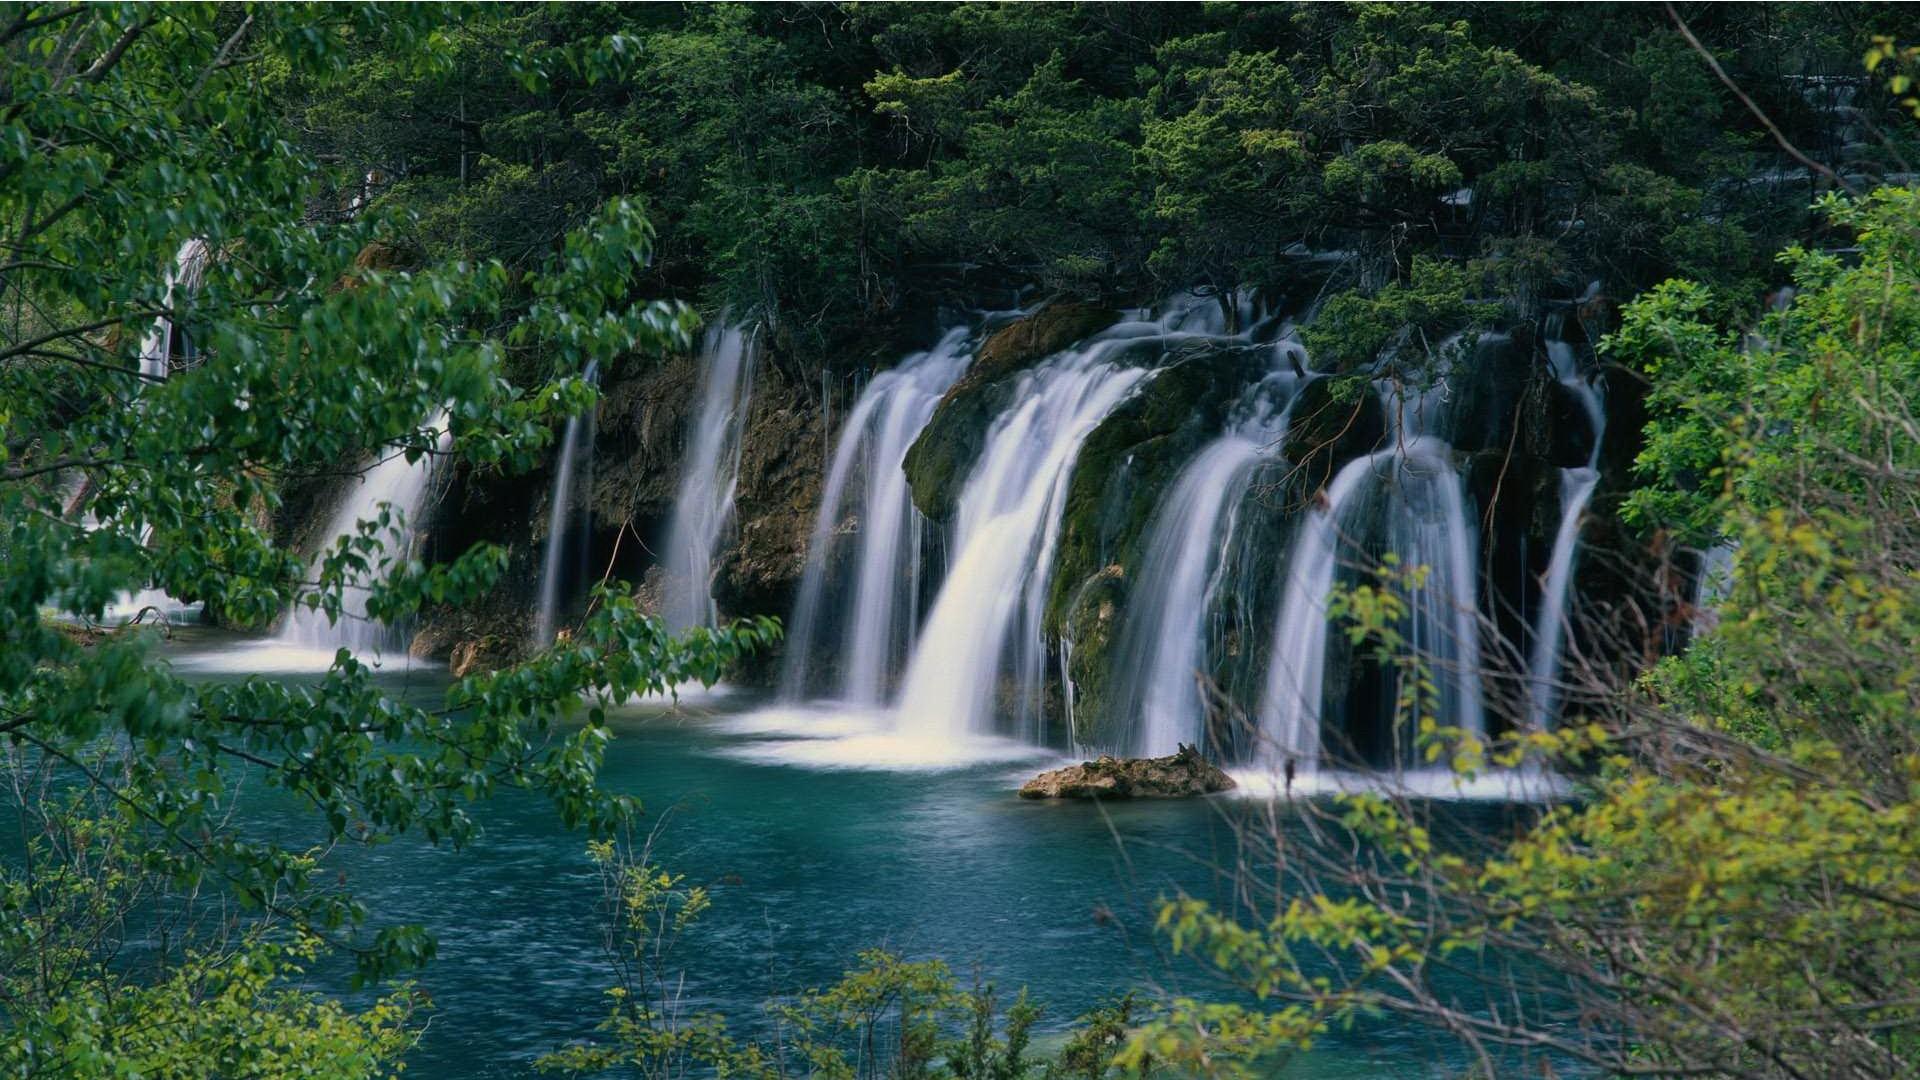 Danh Sách 10 Địa Điểm Có Phong Cảnh Thiên Nhiên Đẹp Nhất Trên The Giới